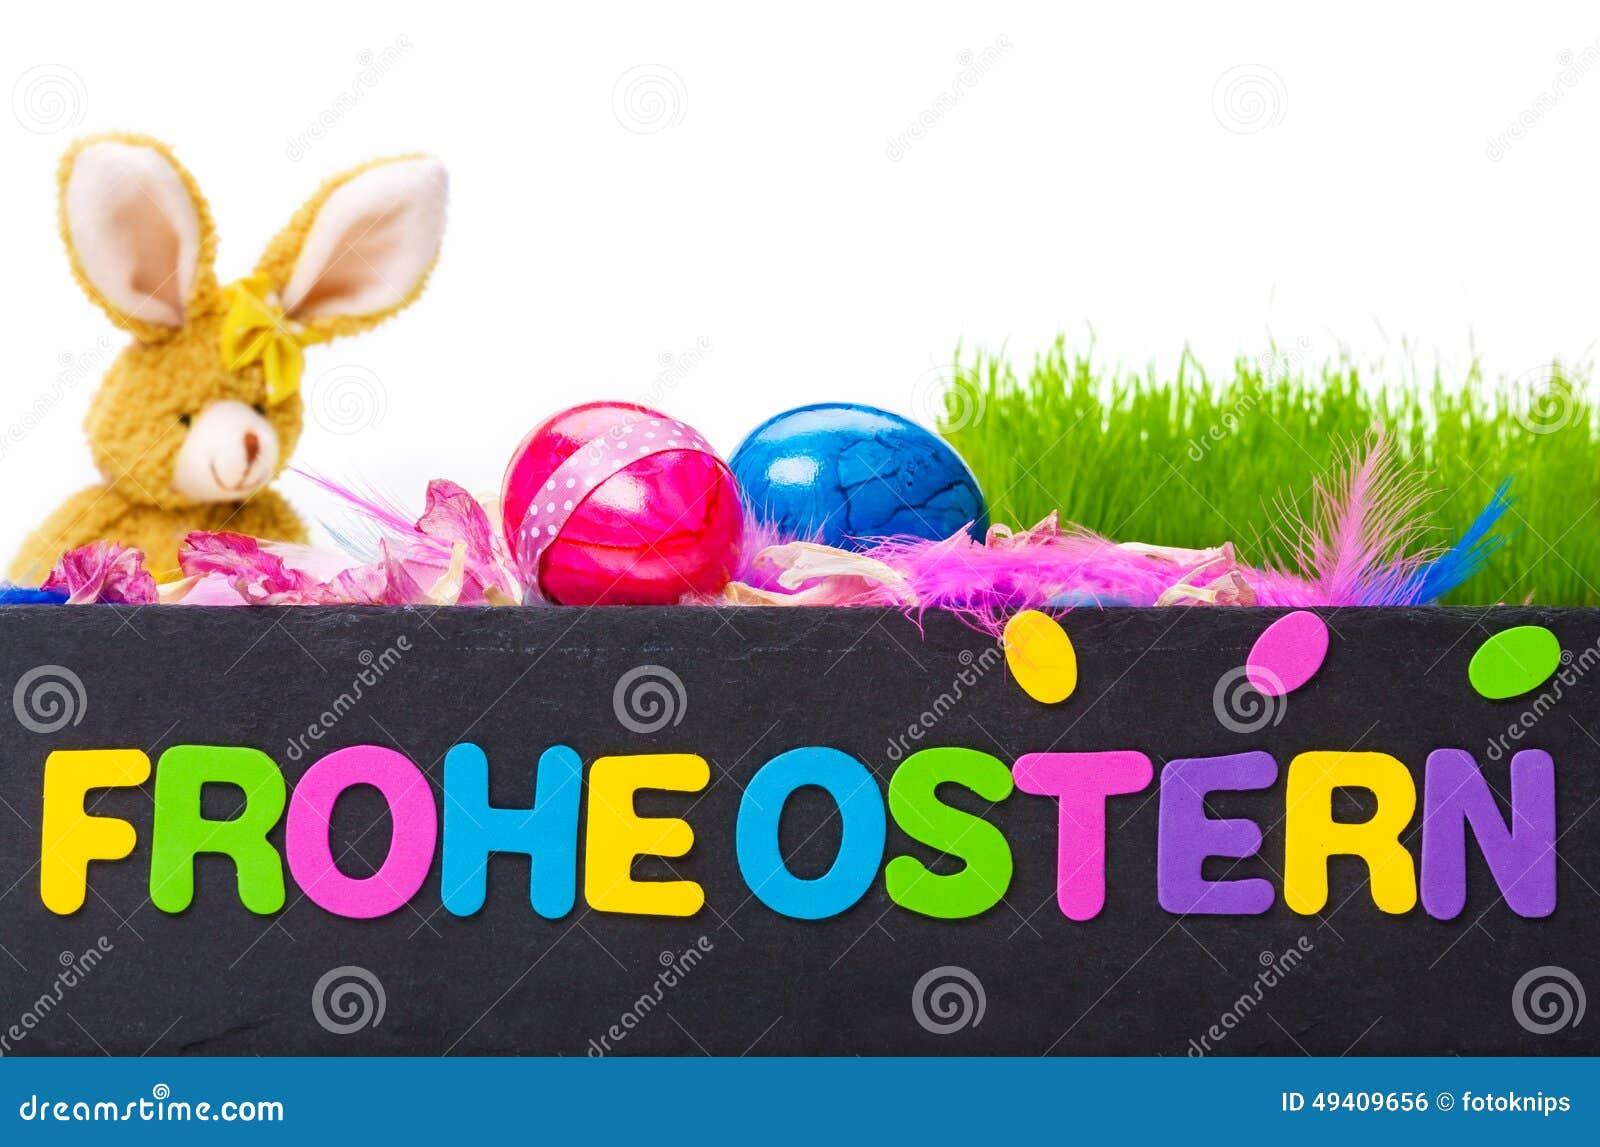 Download Fröhliche Ostern, Ostern-Dekoration Stockfoto - Bild von karte, schiefer: 49409656